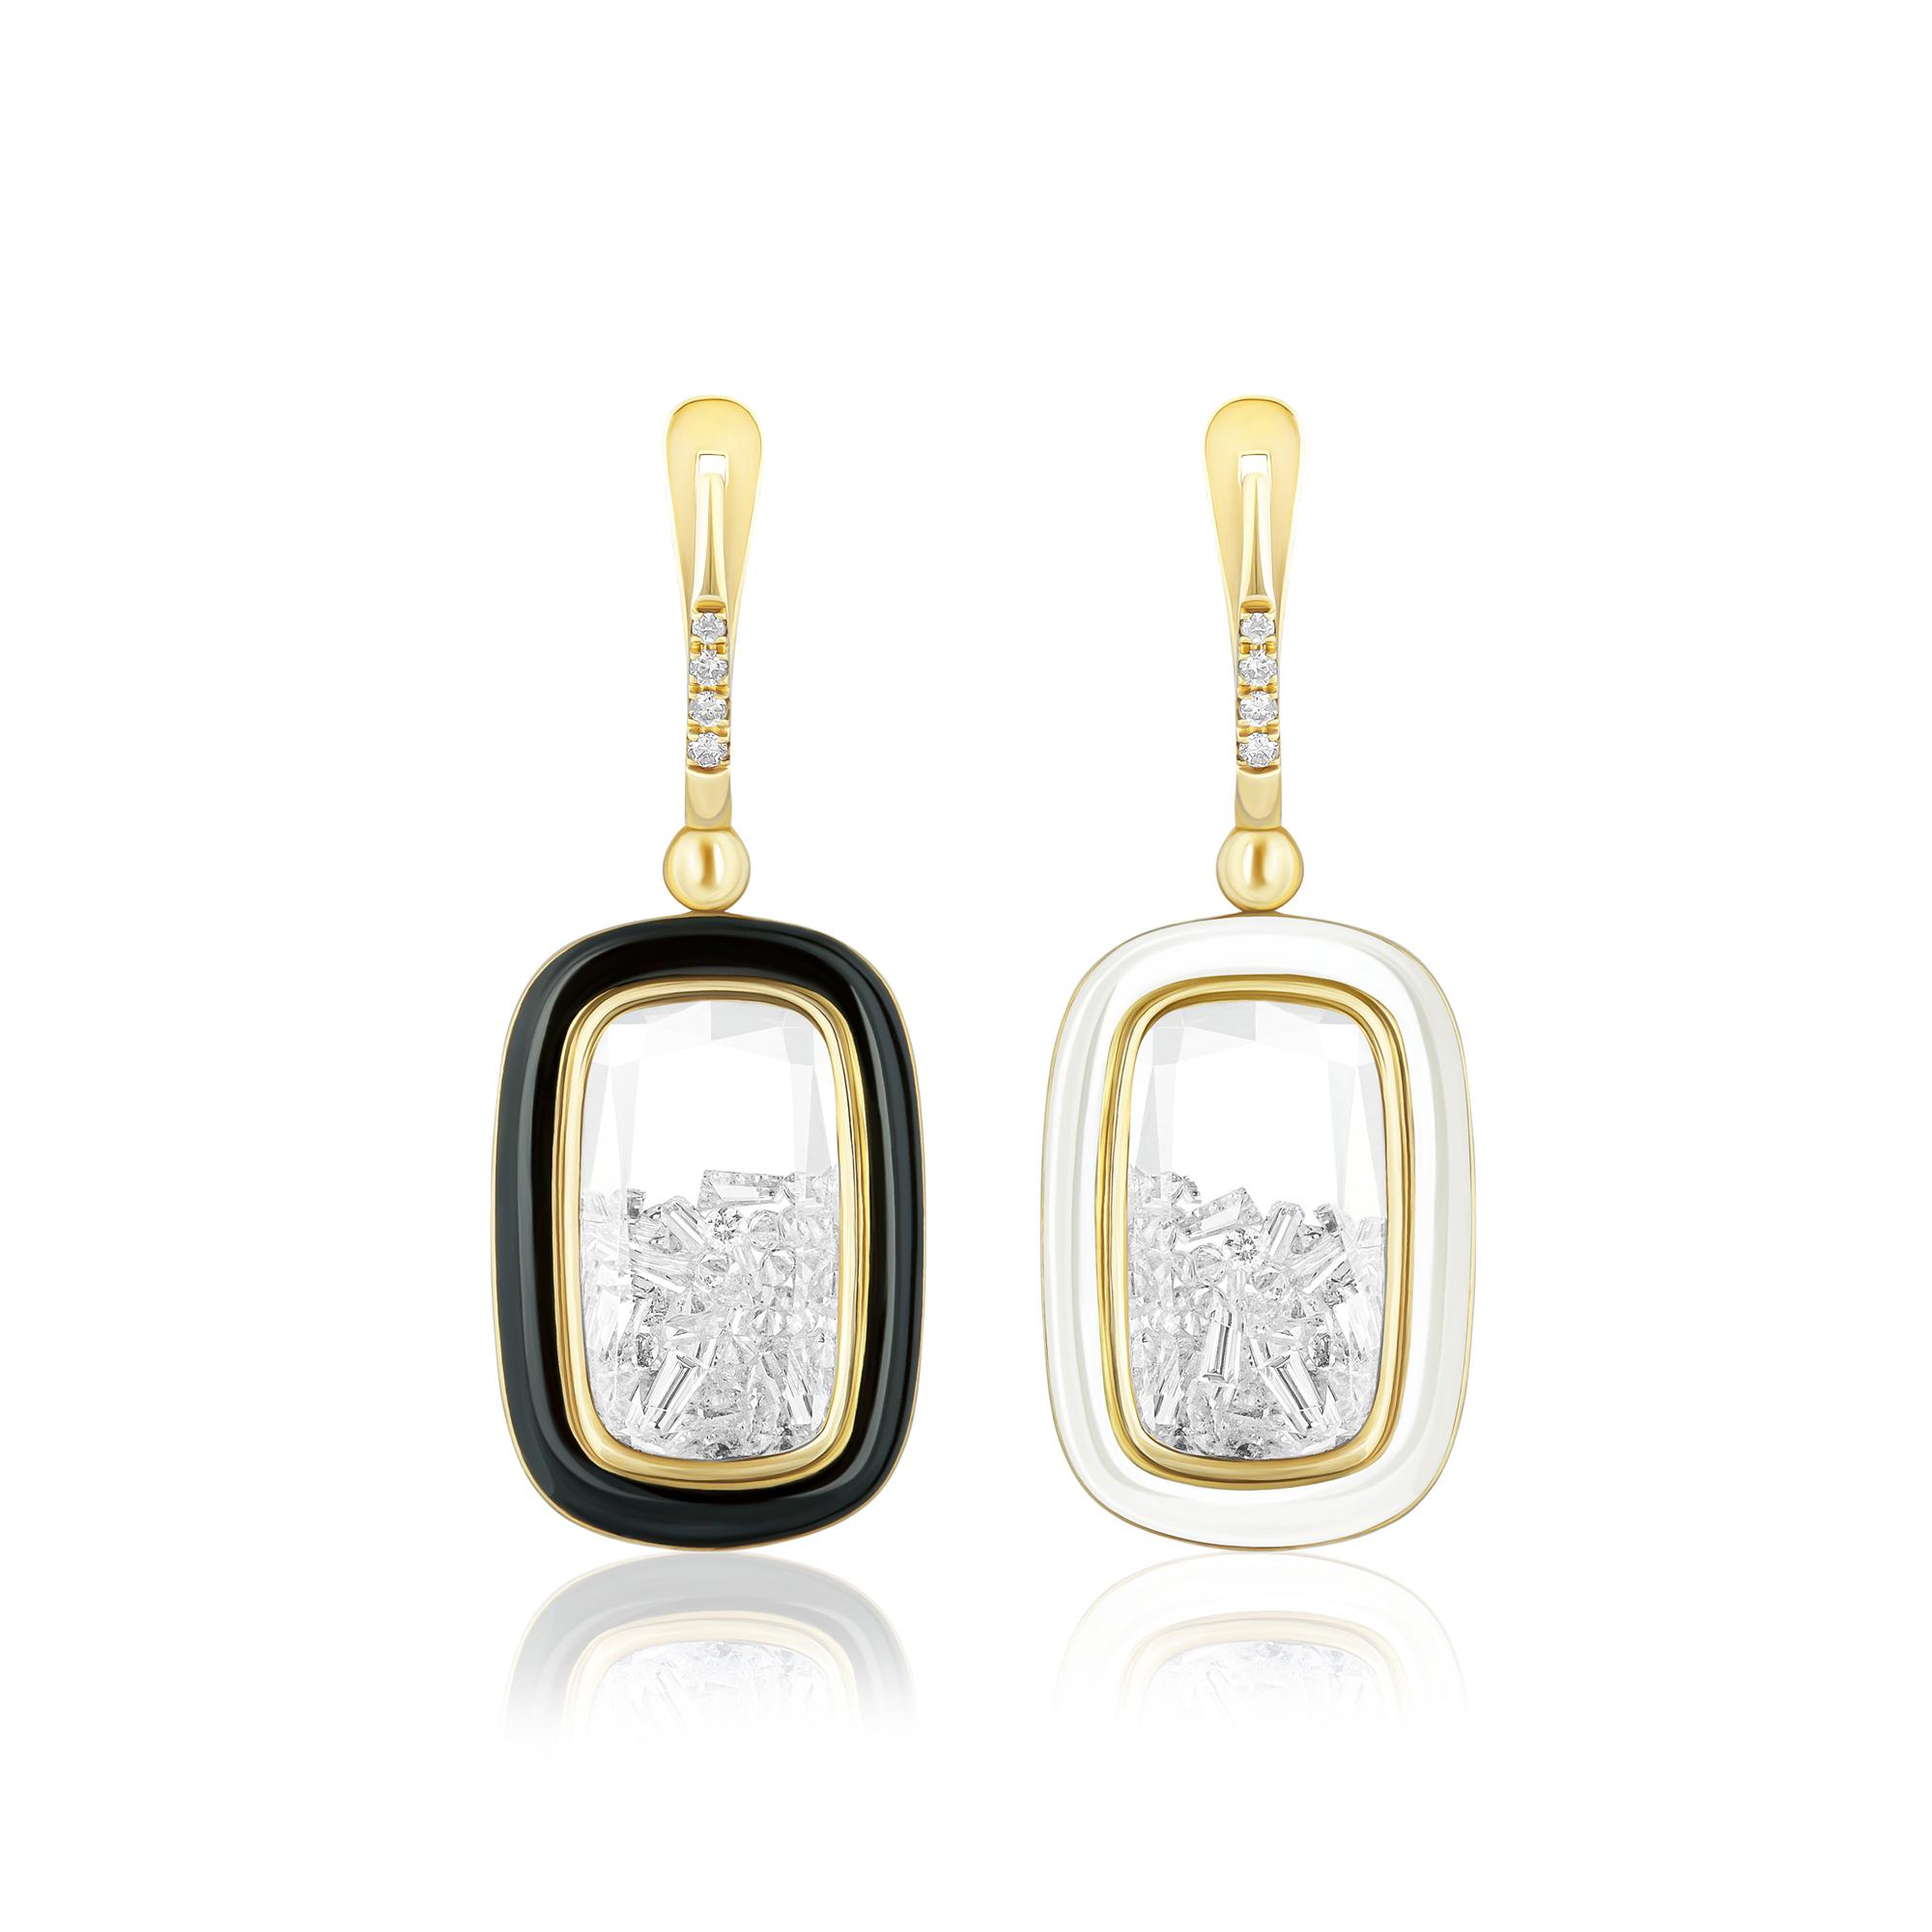 En la joyería, el oro sigue siendo un metal predominante. Colgante en oro de 18 kilates de Moritz Glik, disponible en Lido Jewelers, en The Mall of San Juan. (Suministrada)